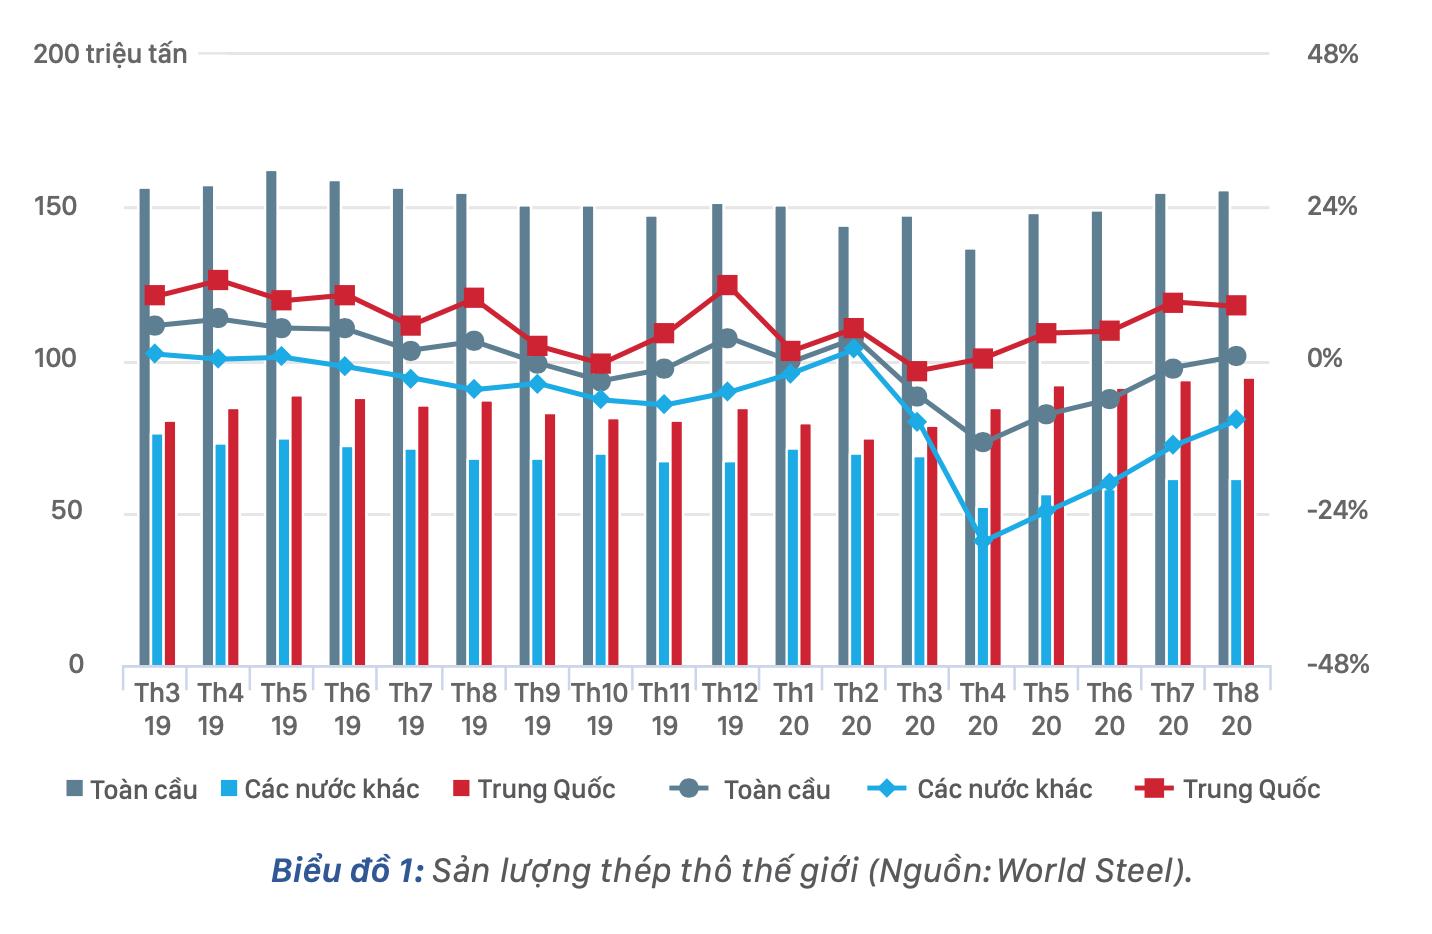 [Báo cáo] Thị trường thép quí III: Sản lượng thép thế giới phục hồi mạnh - Ảnh 1.